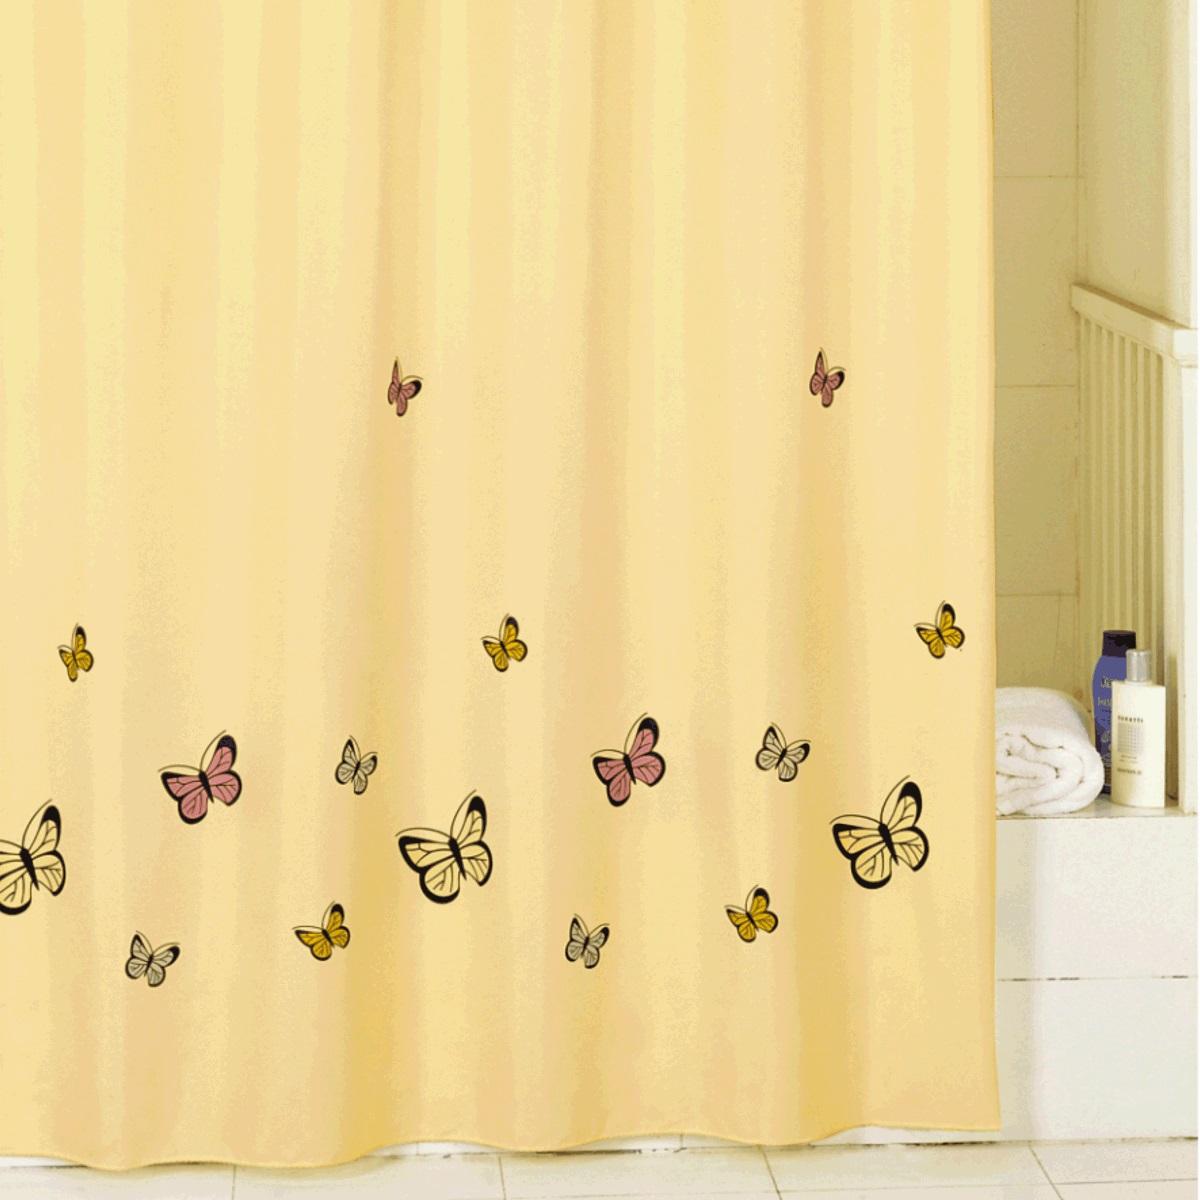 Штора для ванной Iddis Yellow Butterfly, цвет: желтый, 200 x 200 смSCID033PШтора для ванной комнаты Iddis выполнена из быстросохнущего материала - 100% полиэстера, что обеспечивает прочность изделия и легкость ухода за ним.Материал шторы пропитан специальным водоотталкивающим составом Waterprof.Изделие изготовлено из экологически-чистого материала, оно обладает высокой степенью гигиеничности, не вызывает аллергических реакций.Штора имеет 12 металлических люверсов. В комплекте: штора и кольца.